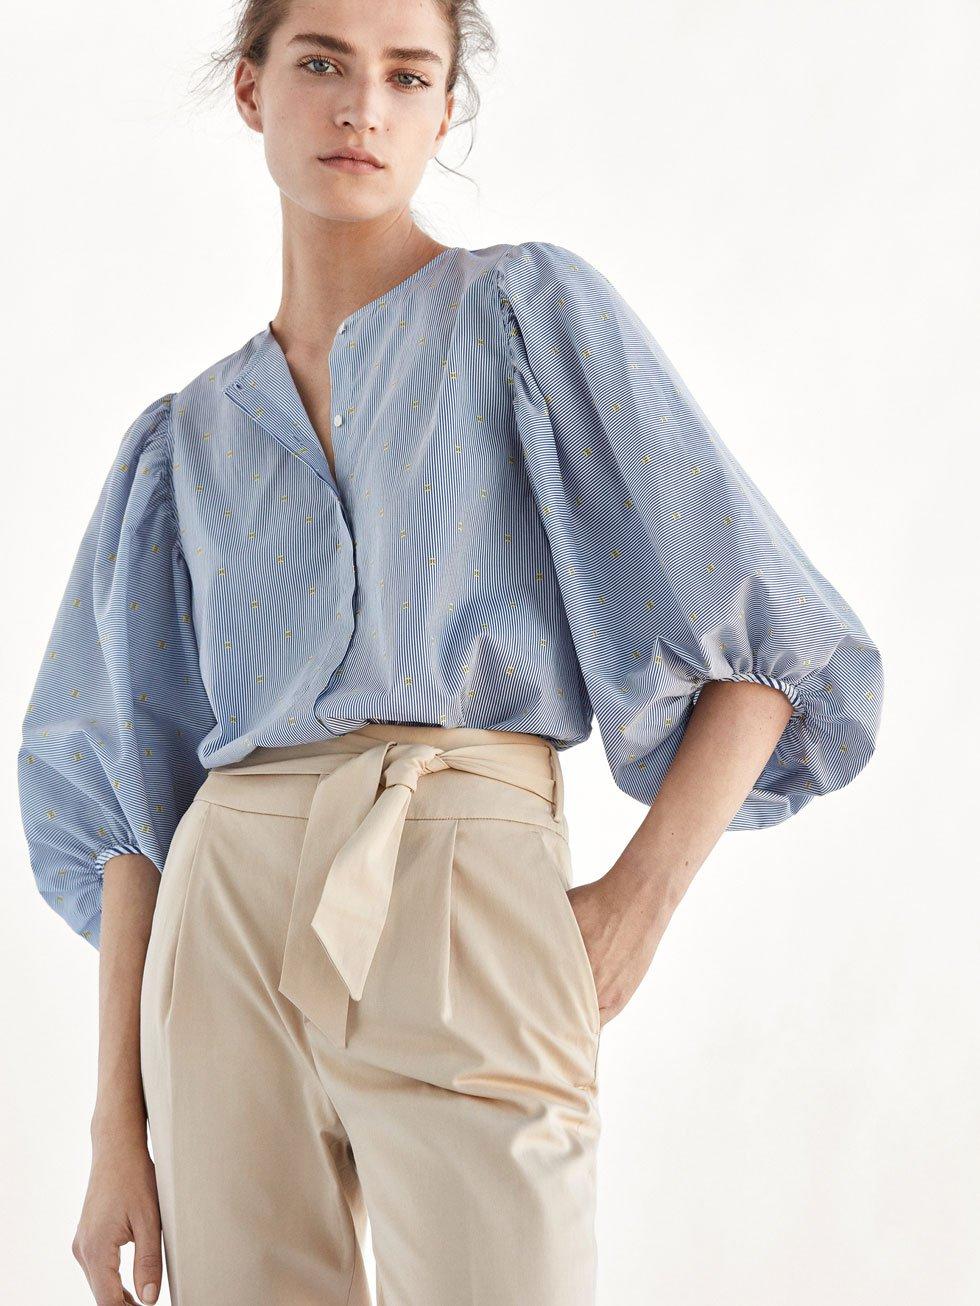 Mejor Calidad Blusas Nueva Moda Primavera Verano 2018